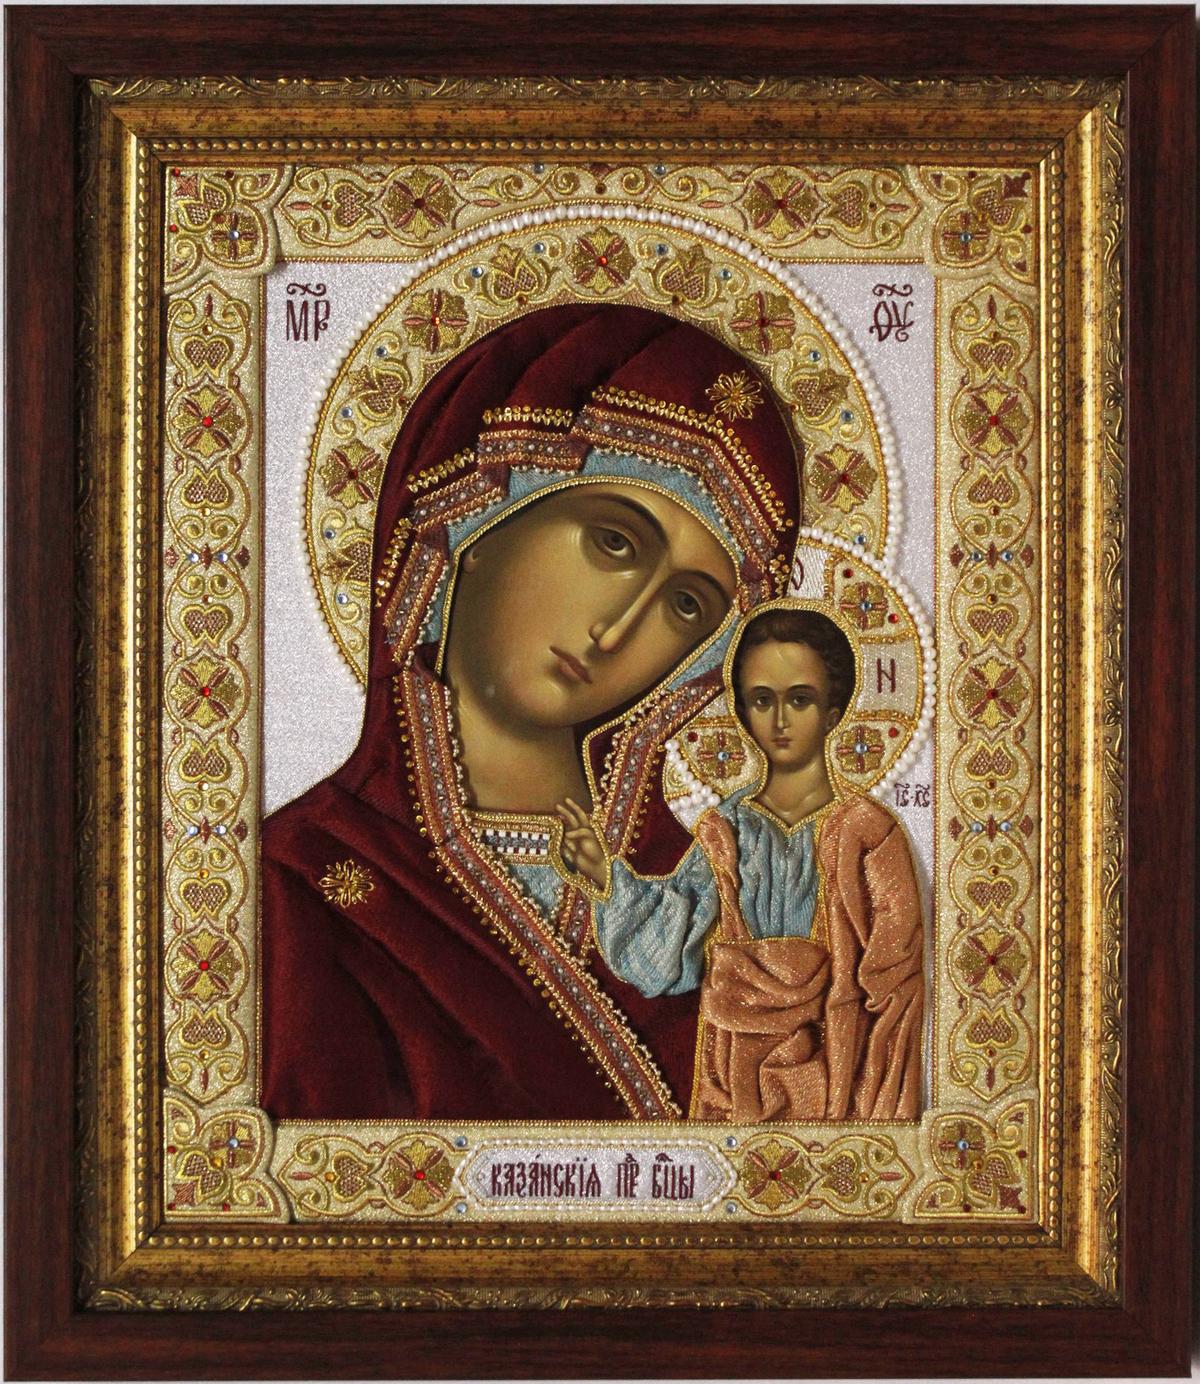 Какой Российский город с 13 века славится Золотой вышивкой по материи? 75